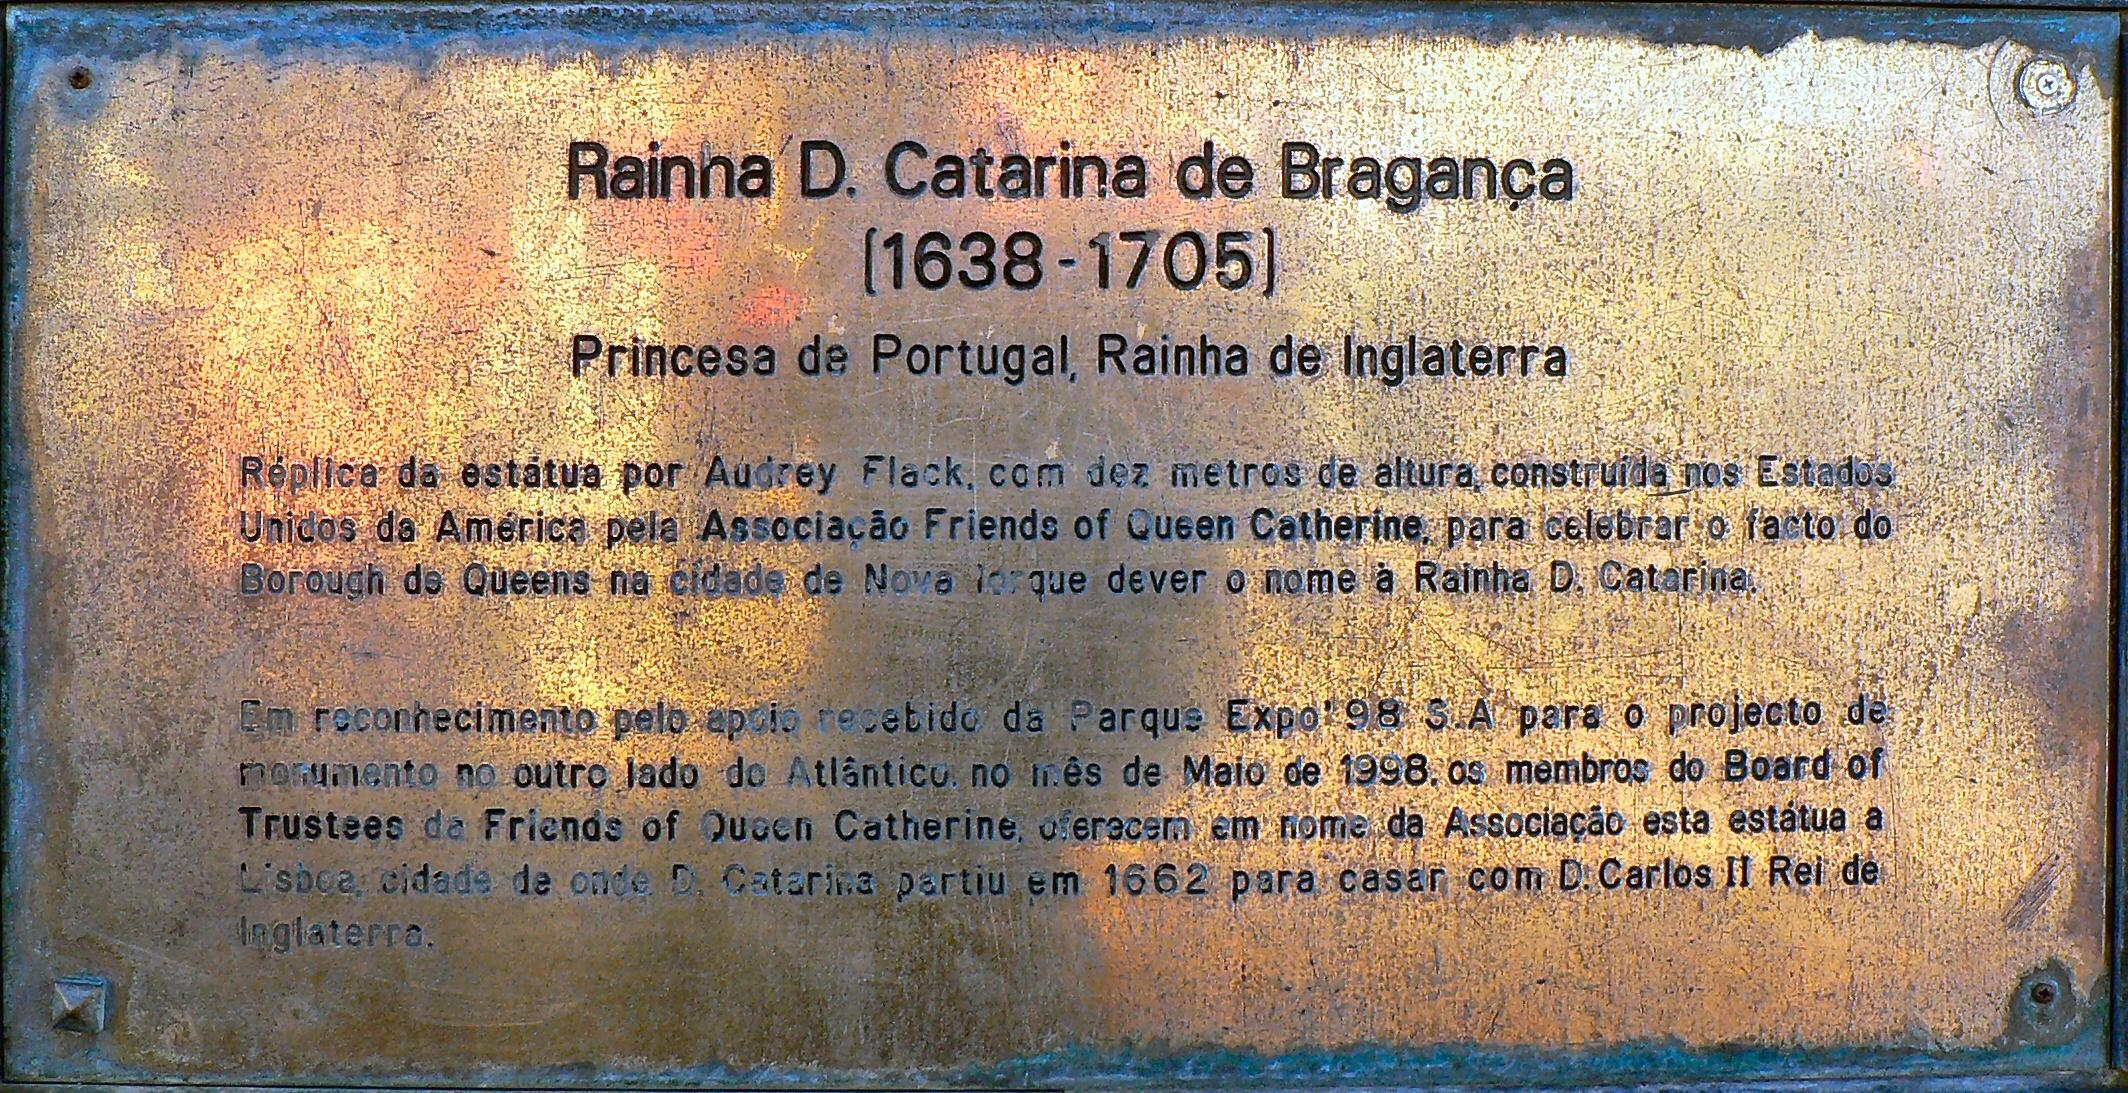 File:Legenda - Catarina de Bragança - Estátua na Parque Expo jpg